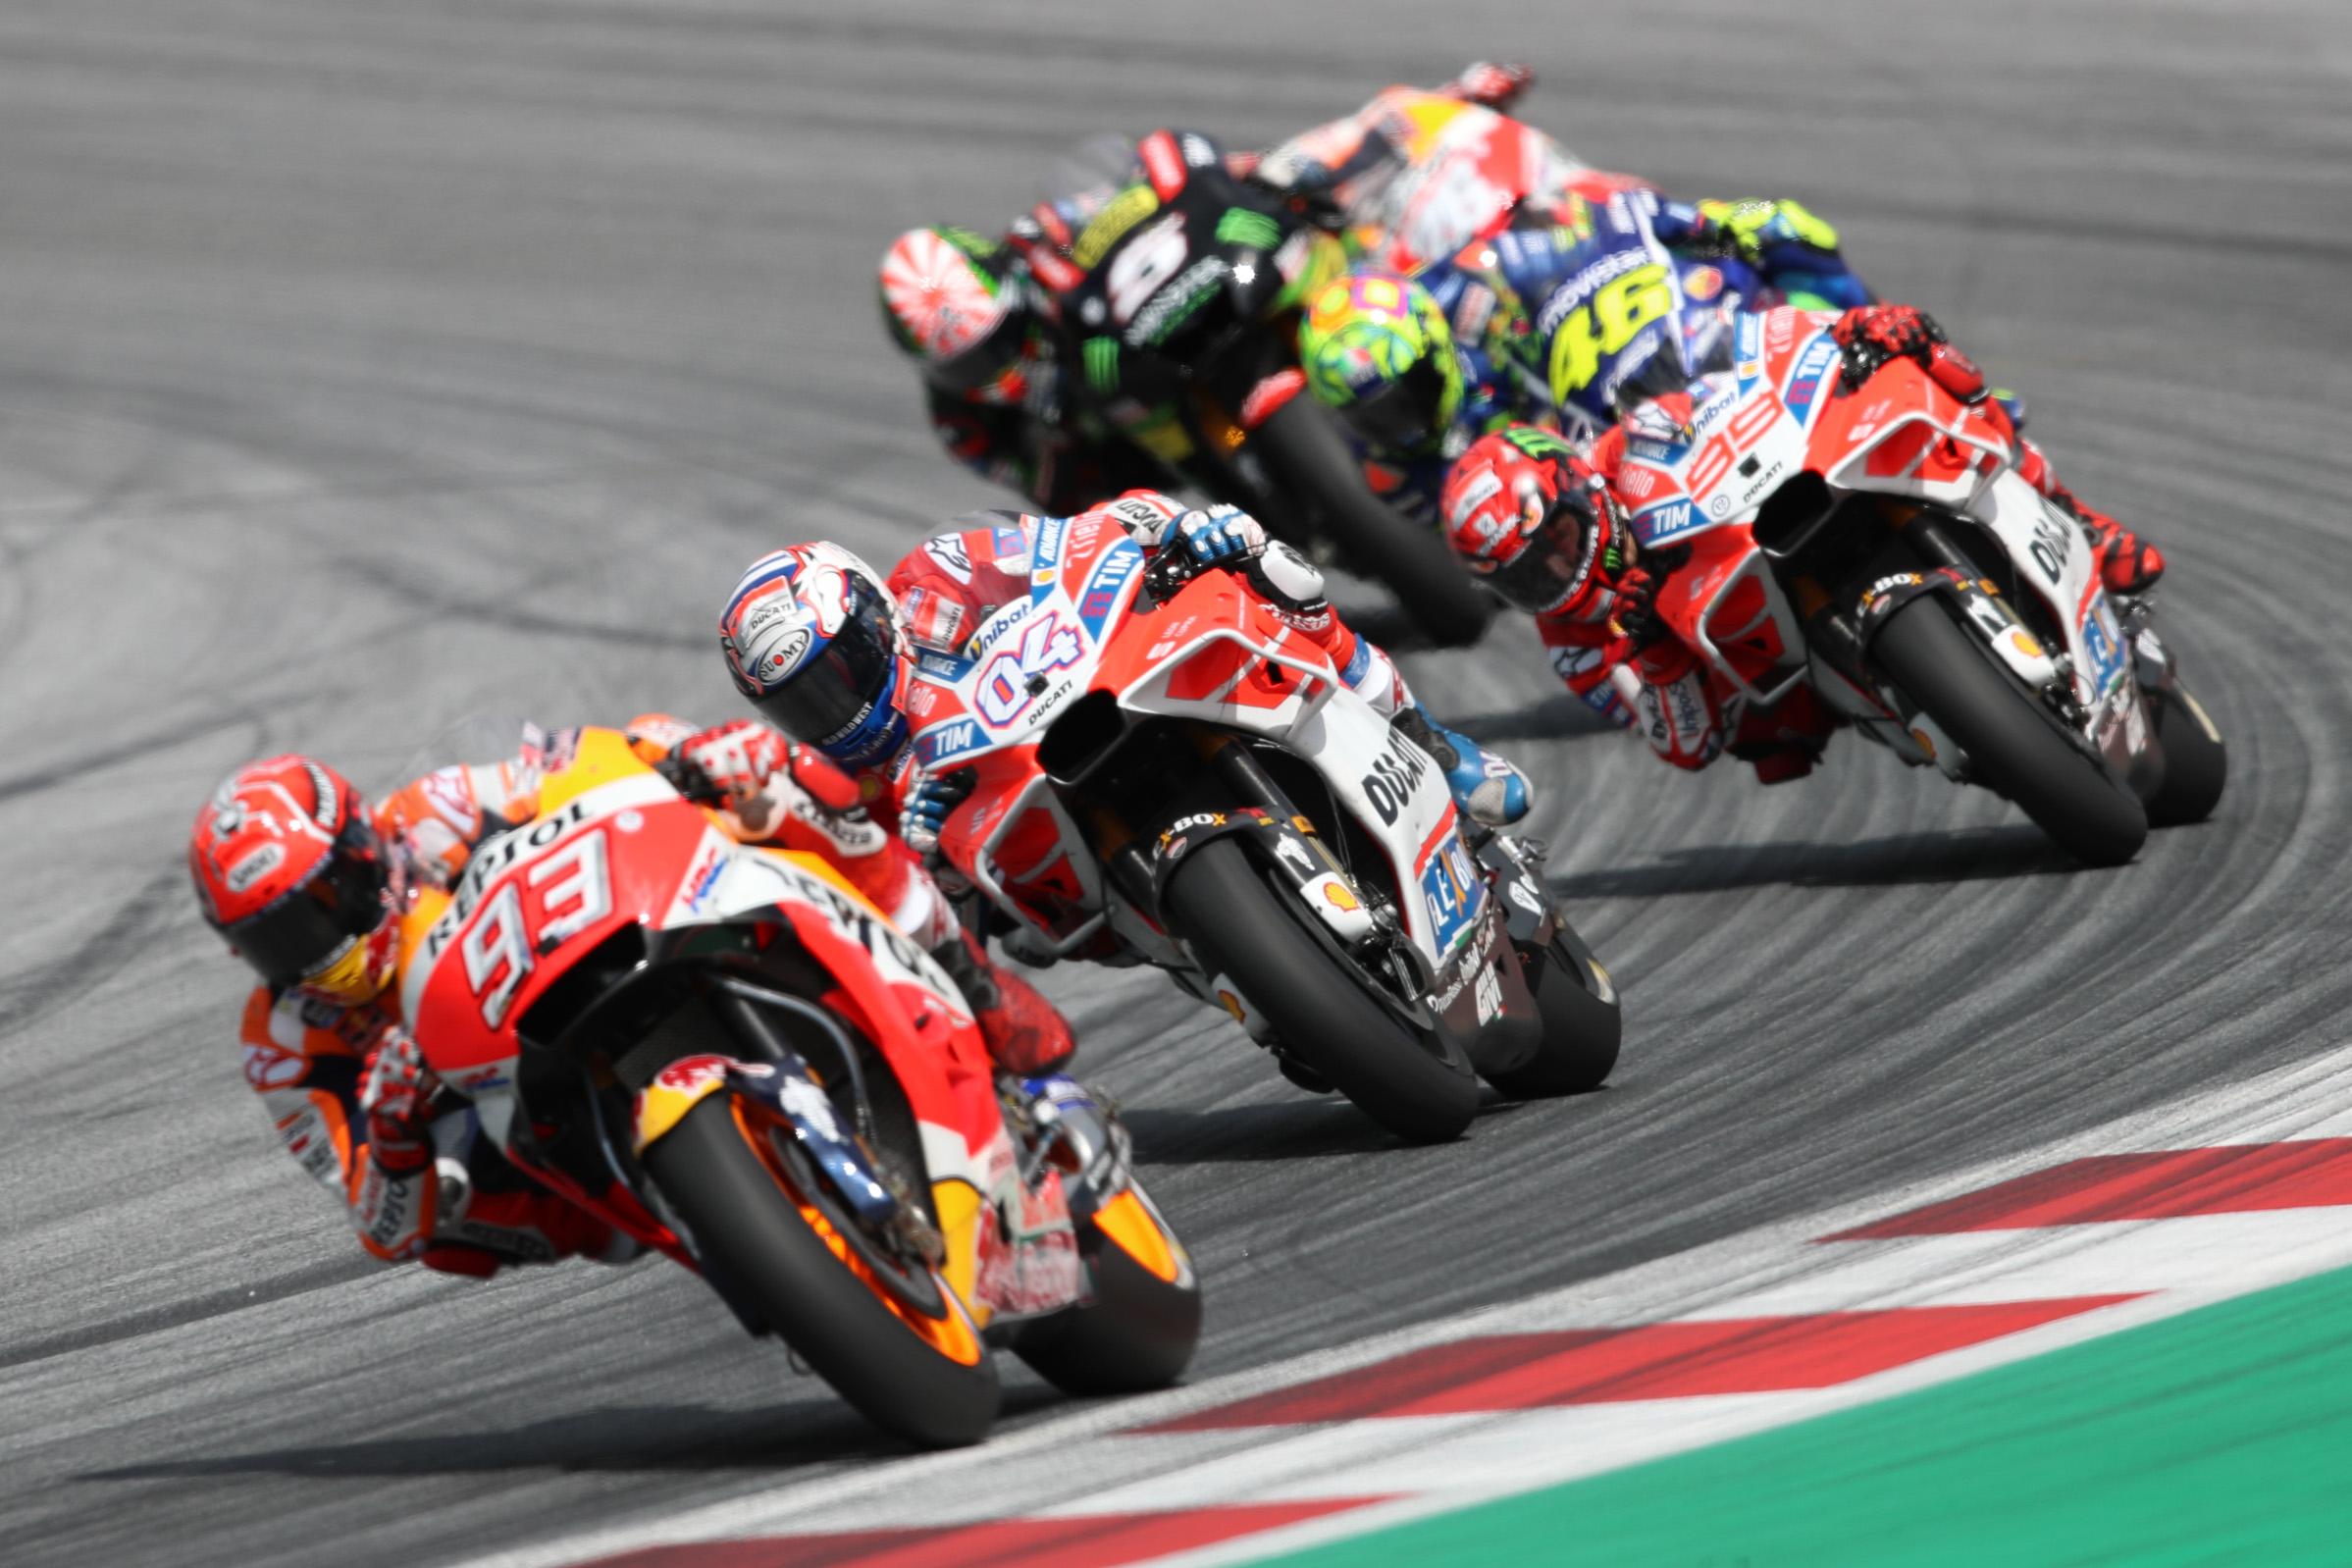 Marquez extends MotoGP lead - ASC - Action Sports Connection